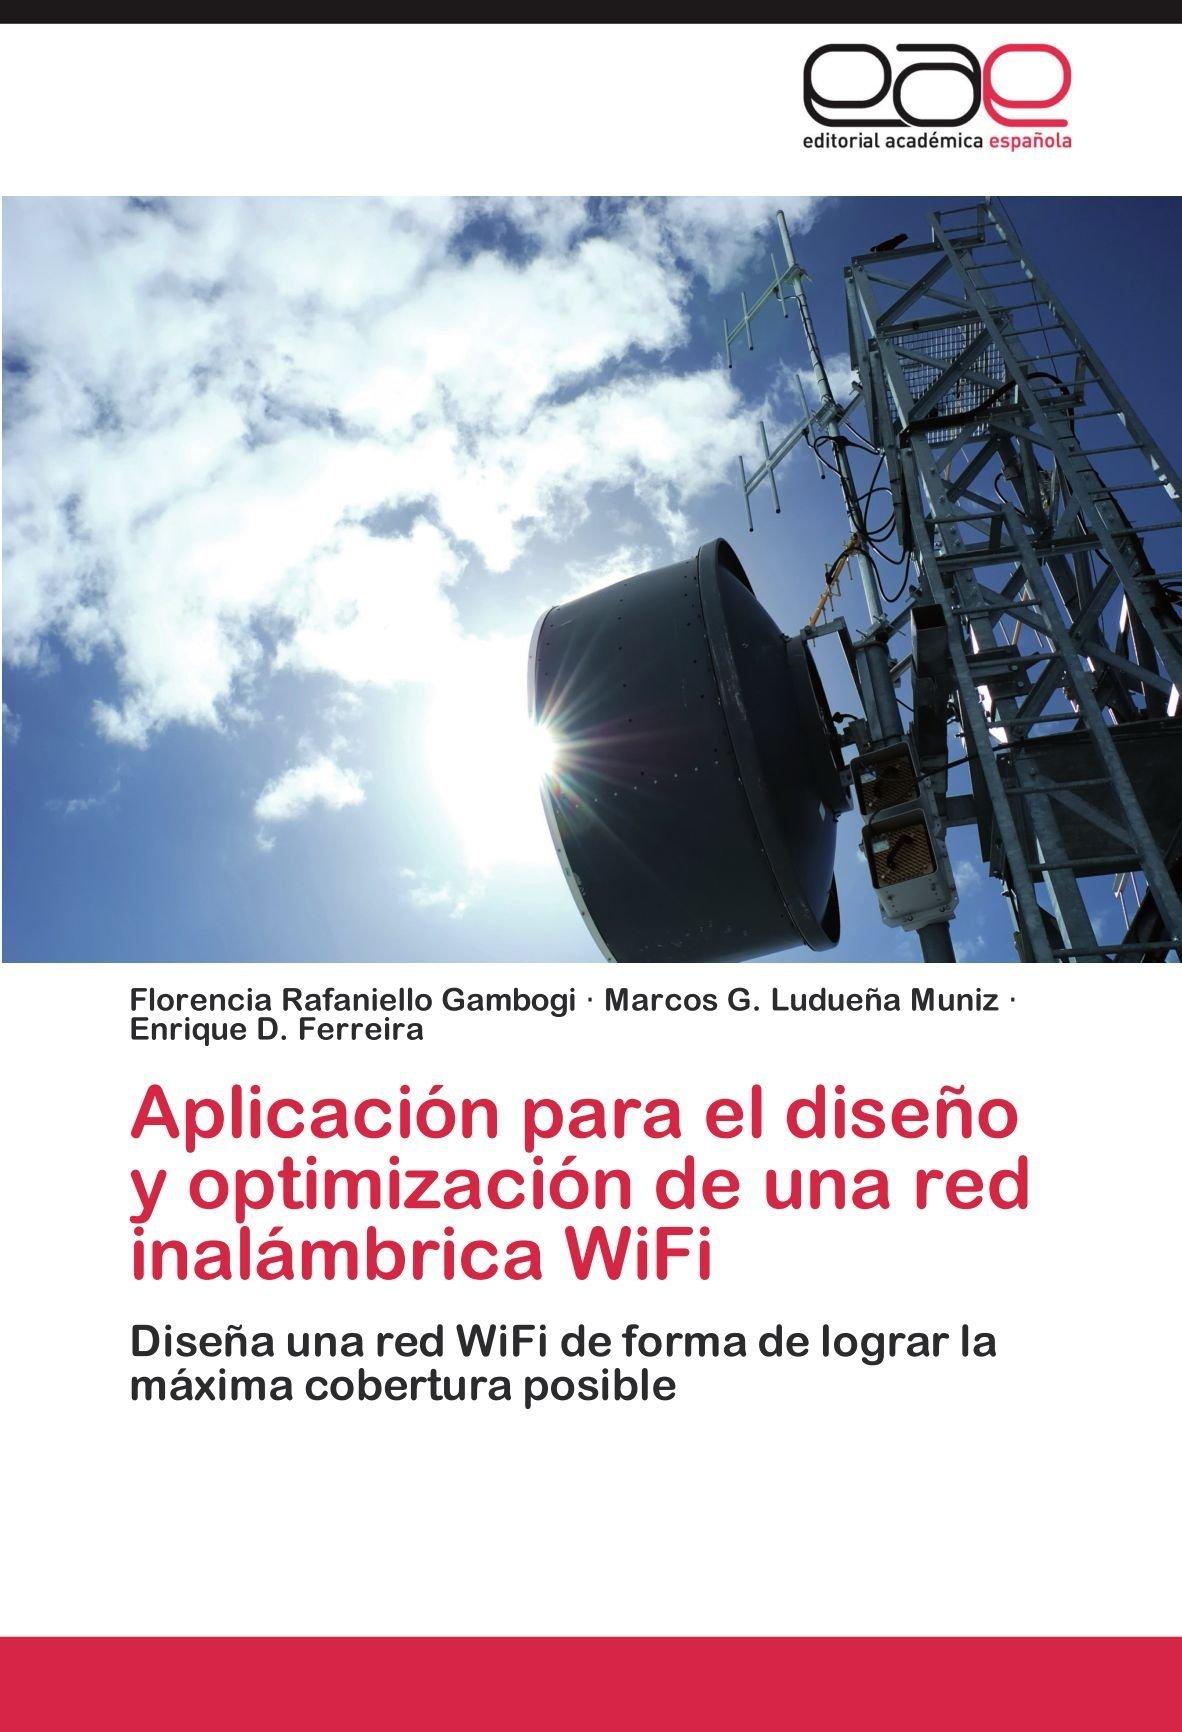 Aplicación para el diseño y optimización de una red inalámbrica WiFi  by  Florencia Rafaniello Gambogi